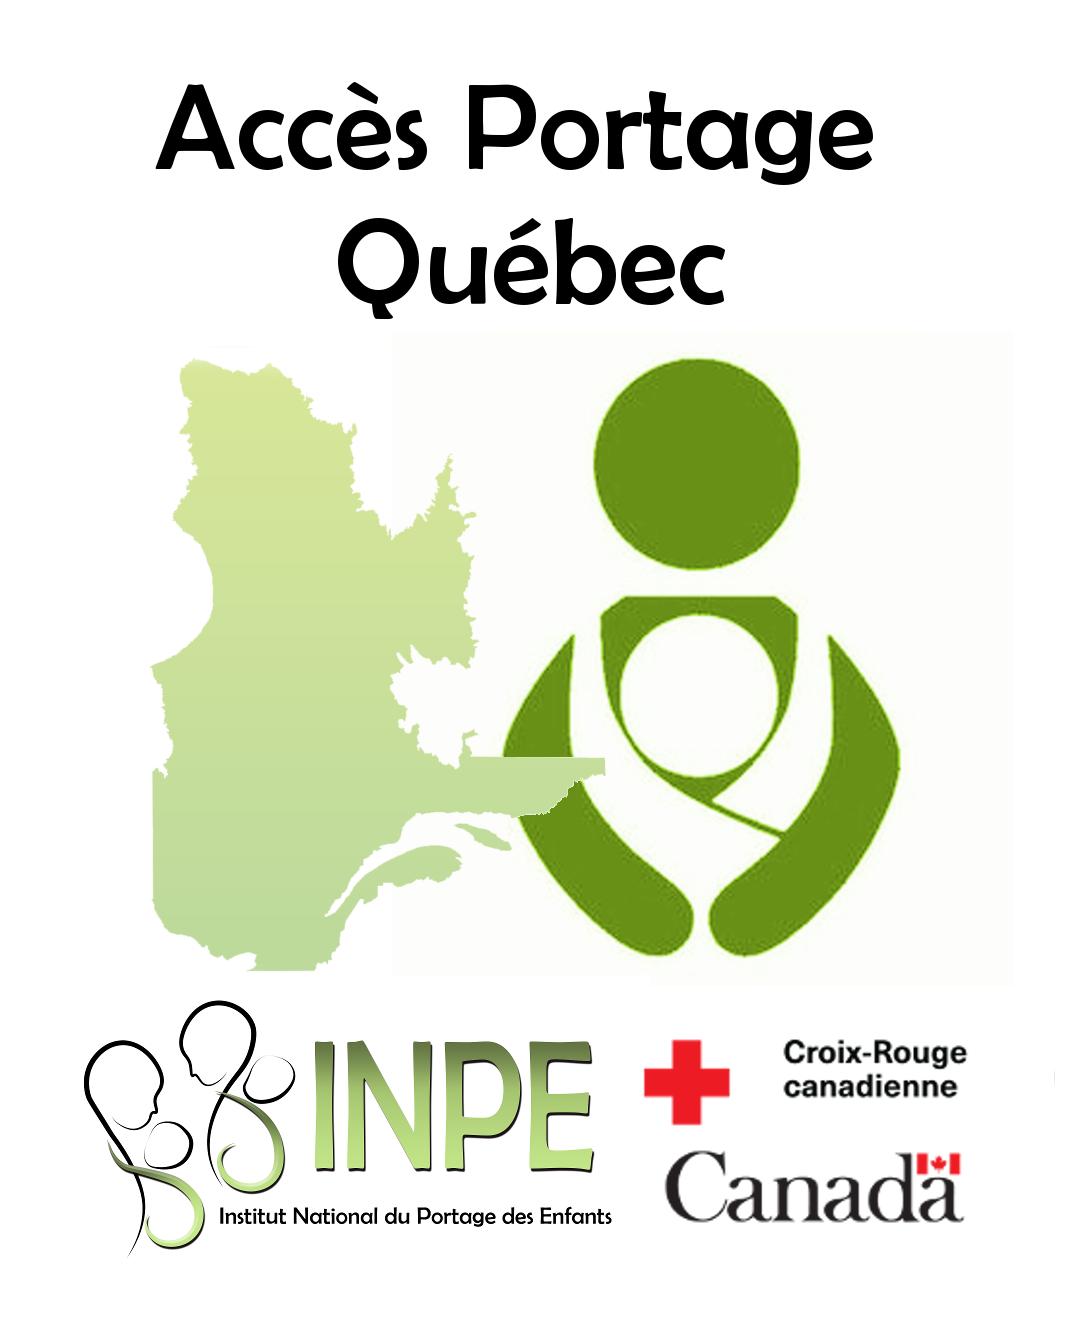 Accès Portage Québec